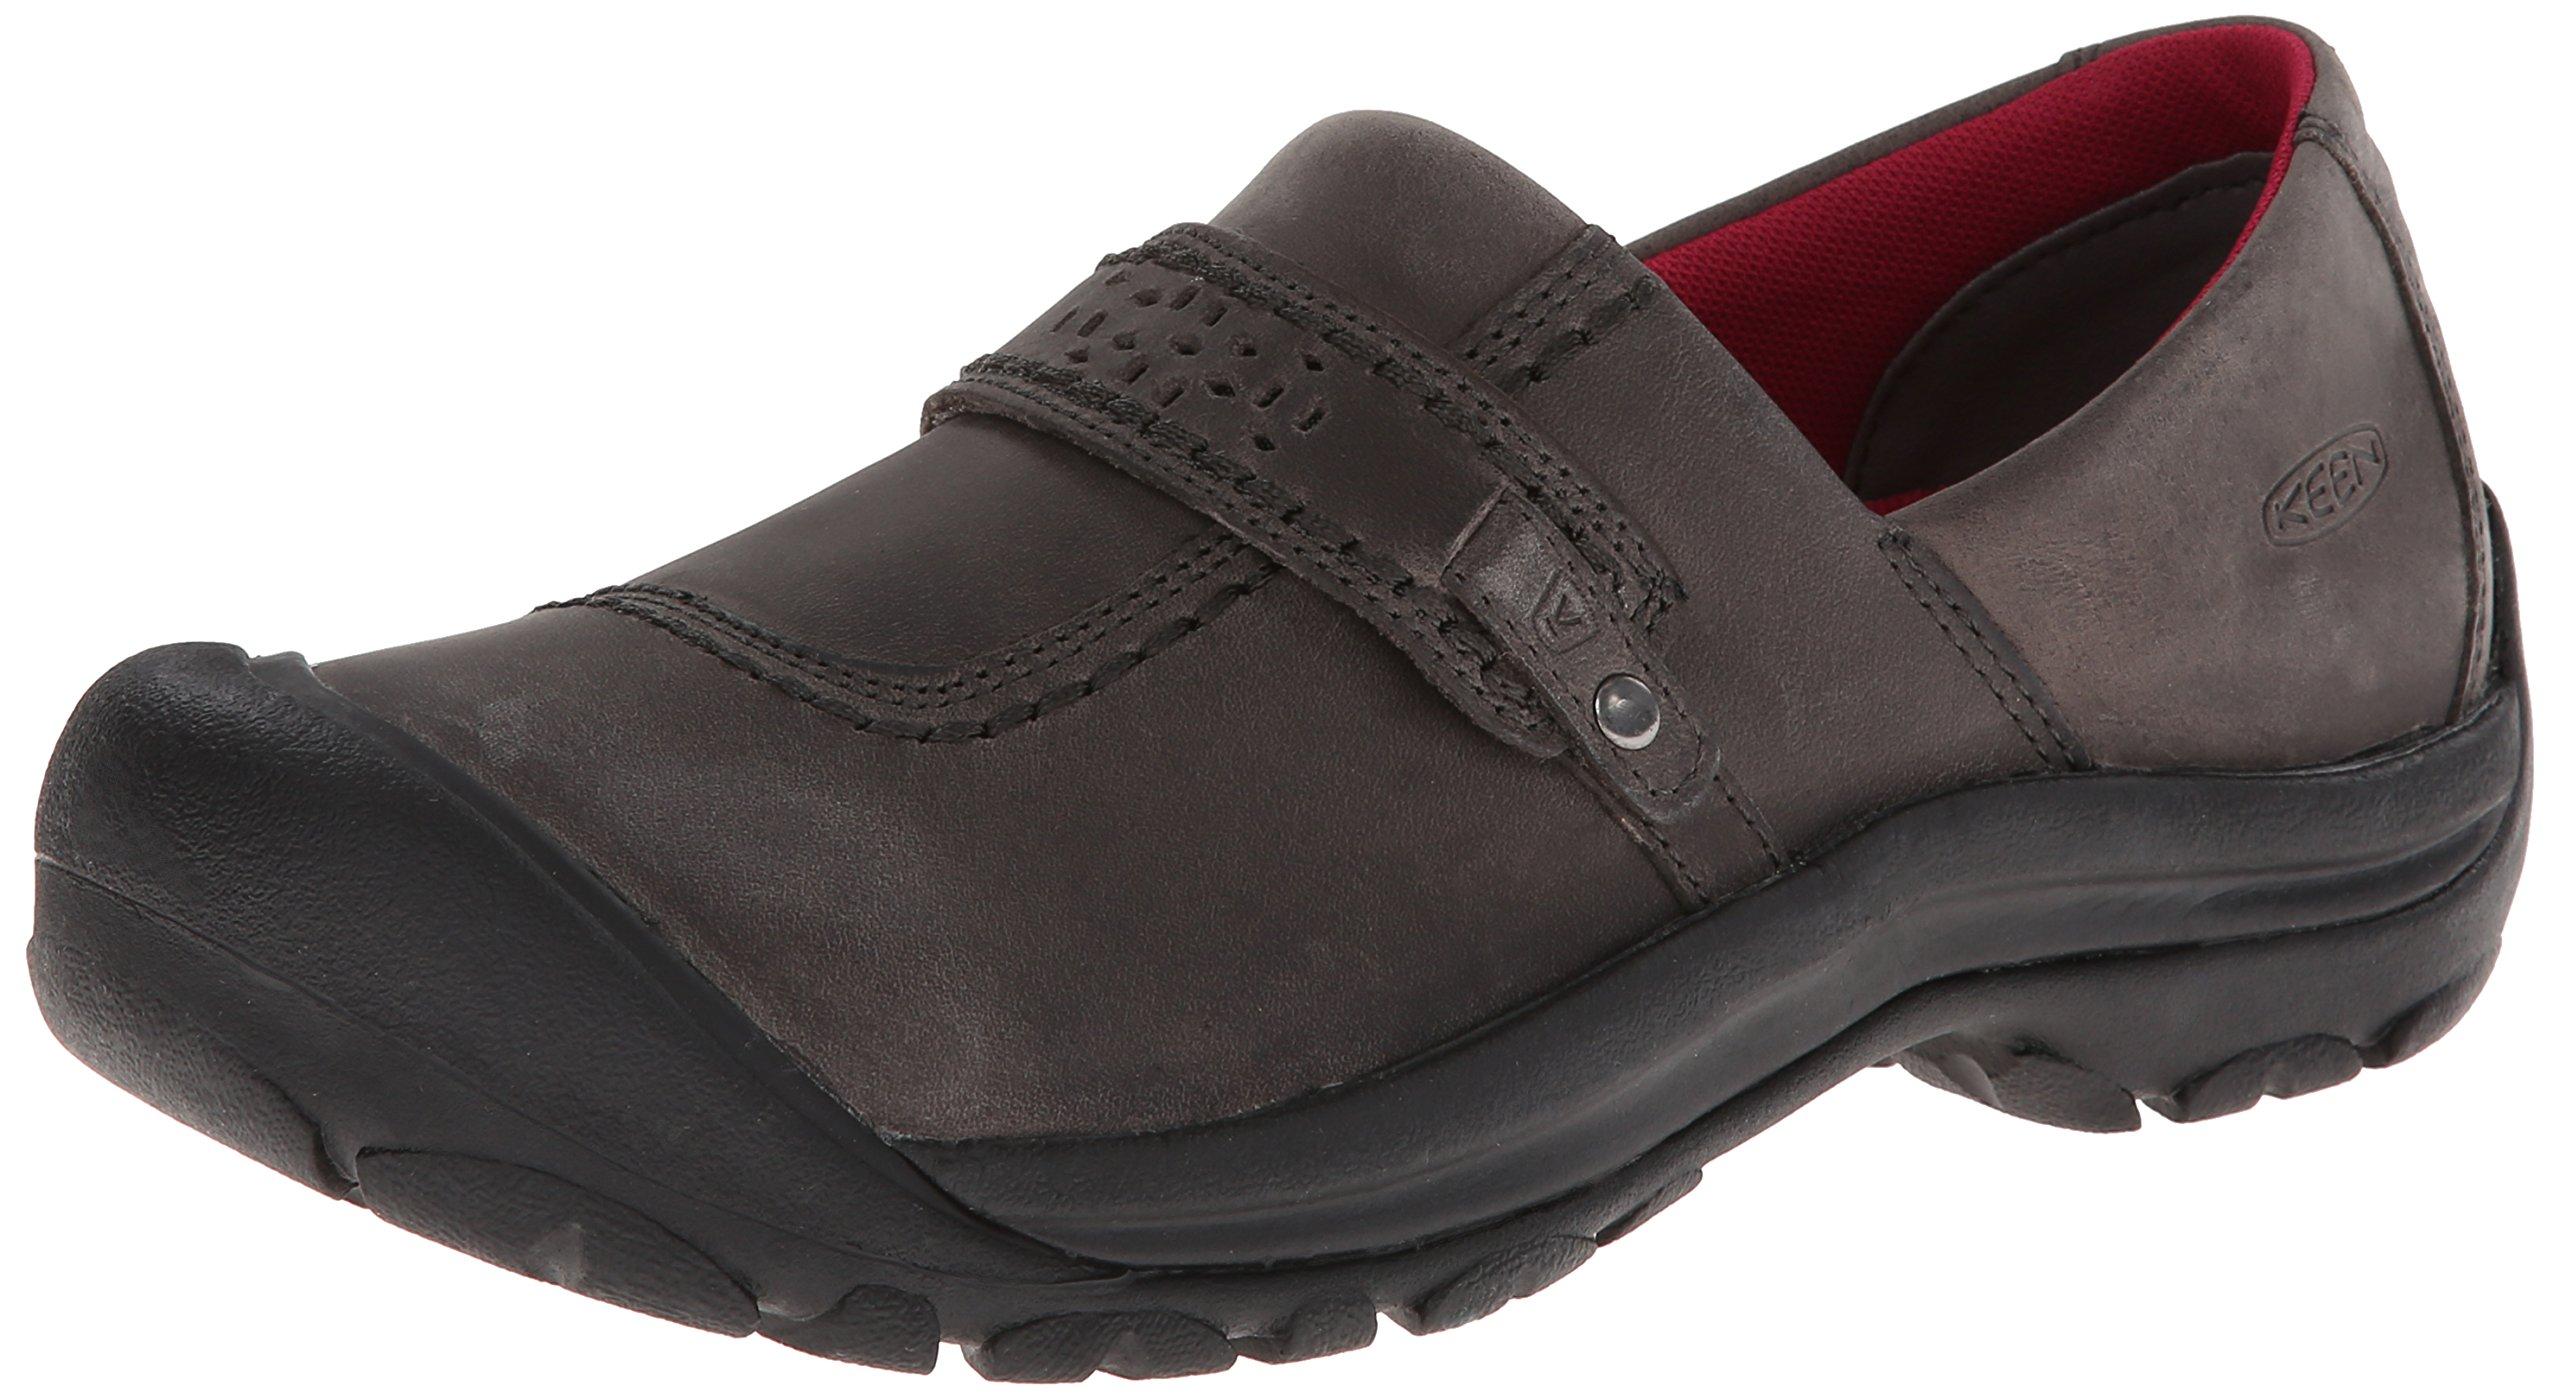 KEEN Women's Kaci Full Grain Slip-On Shoe,Magnet,6 M US